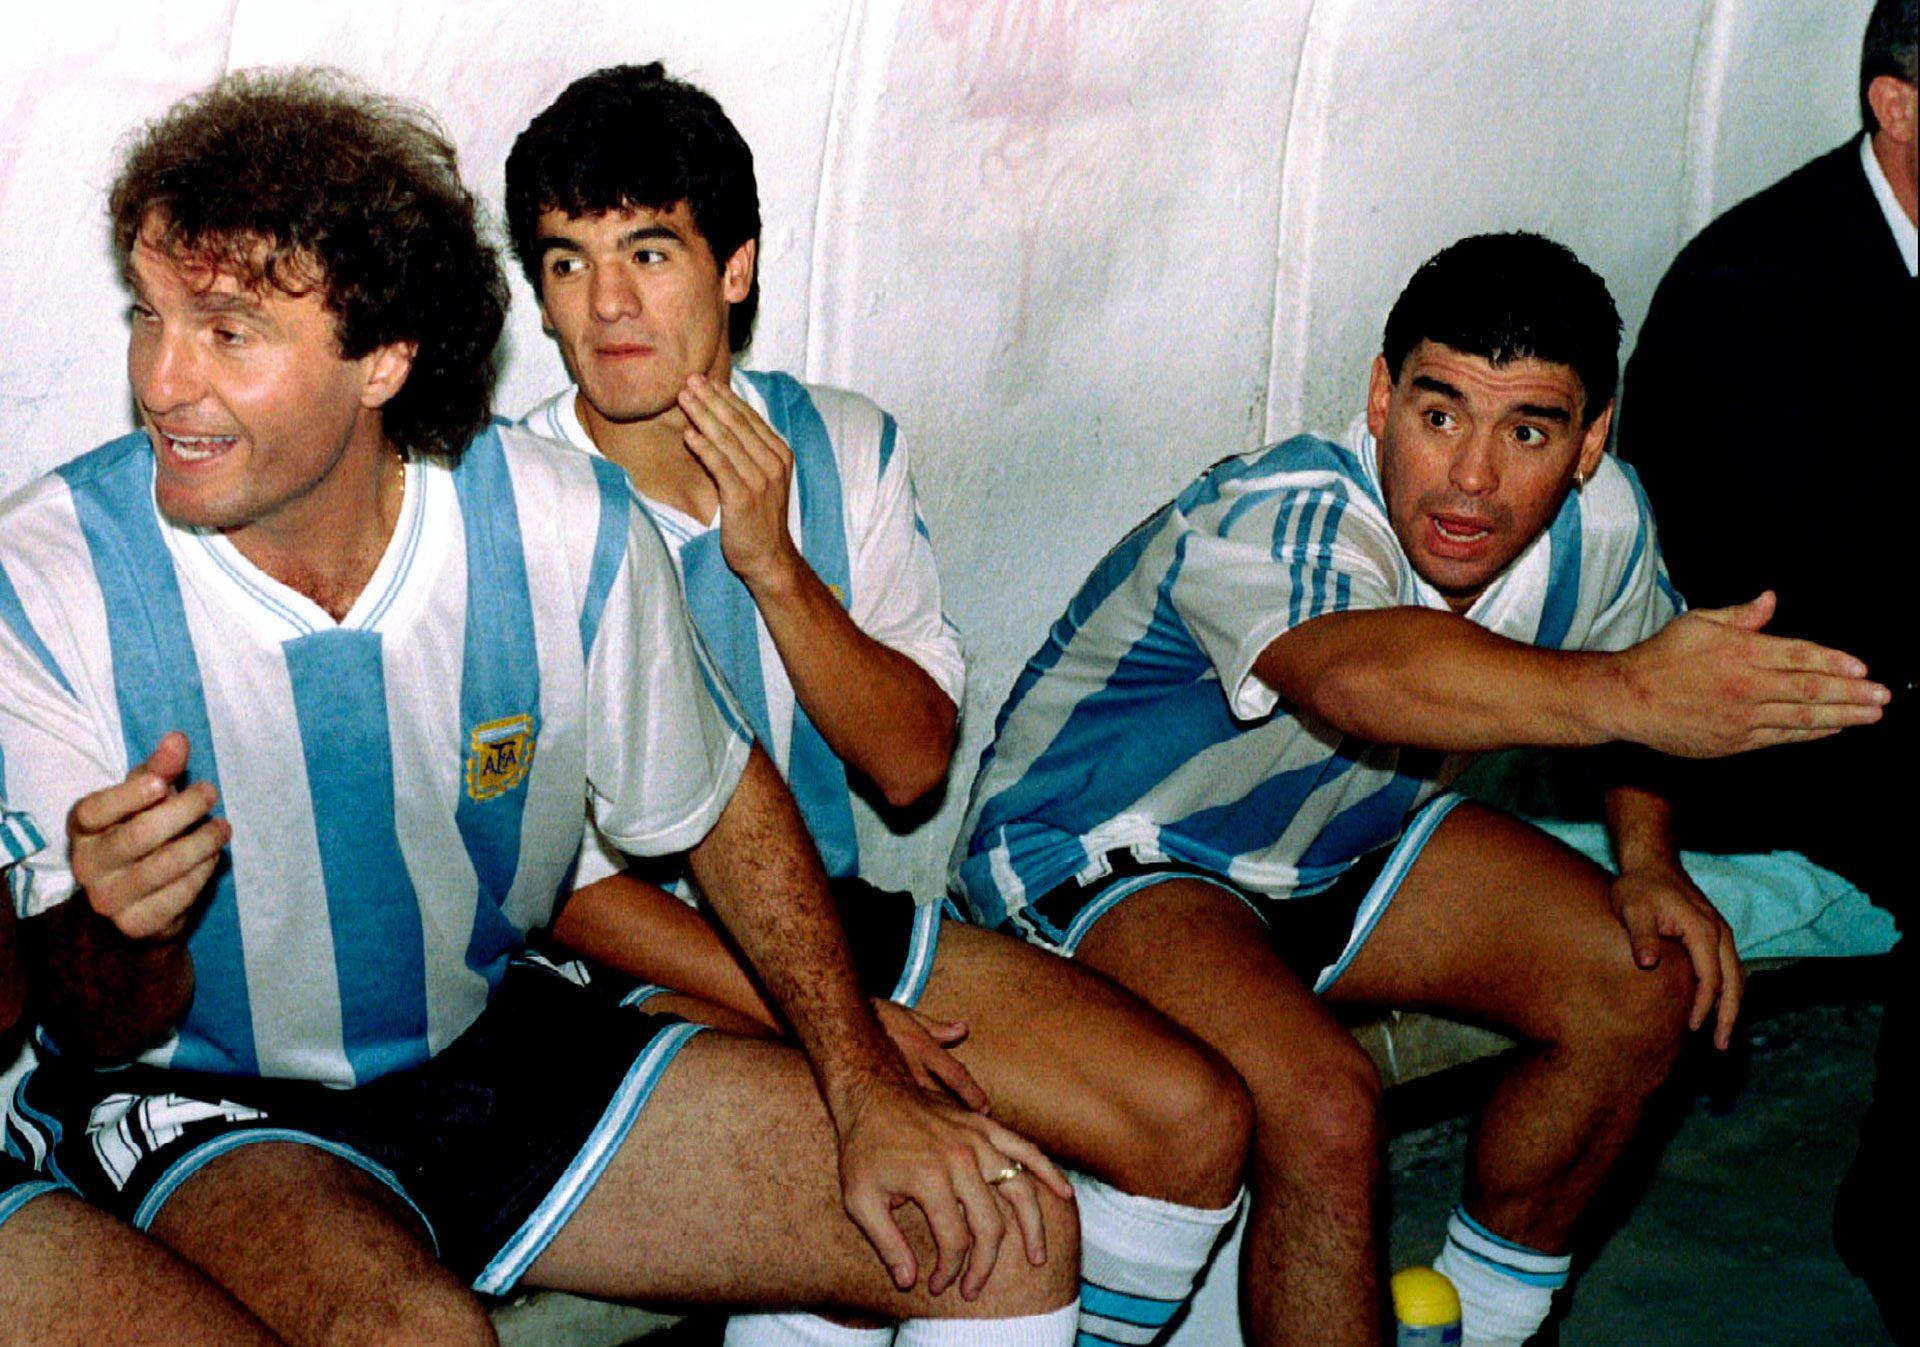 Oscar Ruggeri, Ariel Ortega y Diego Maradona